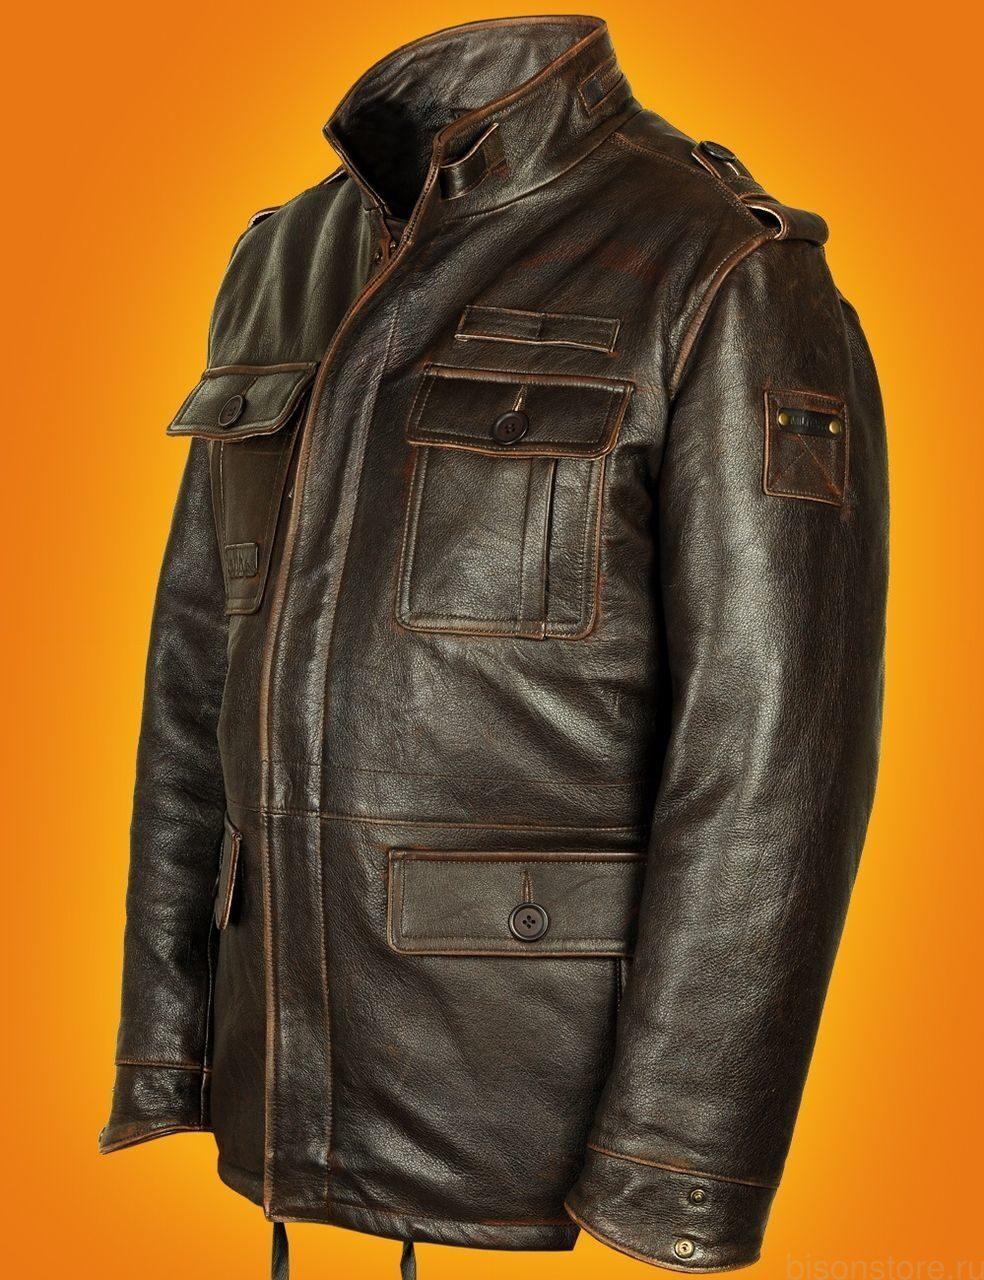 итальянские кожаные куртки мужские из кожи буйвол купить со скидкой